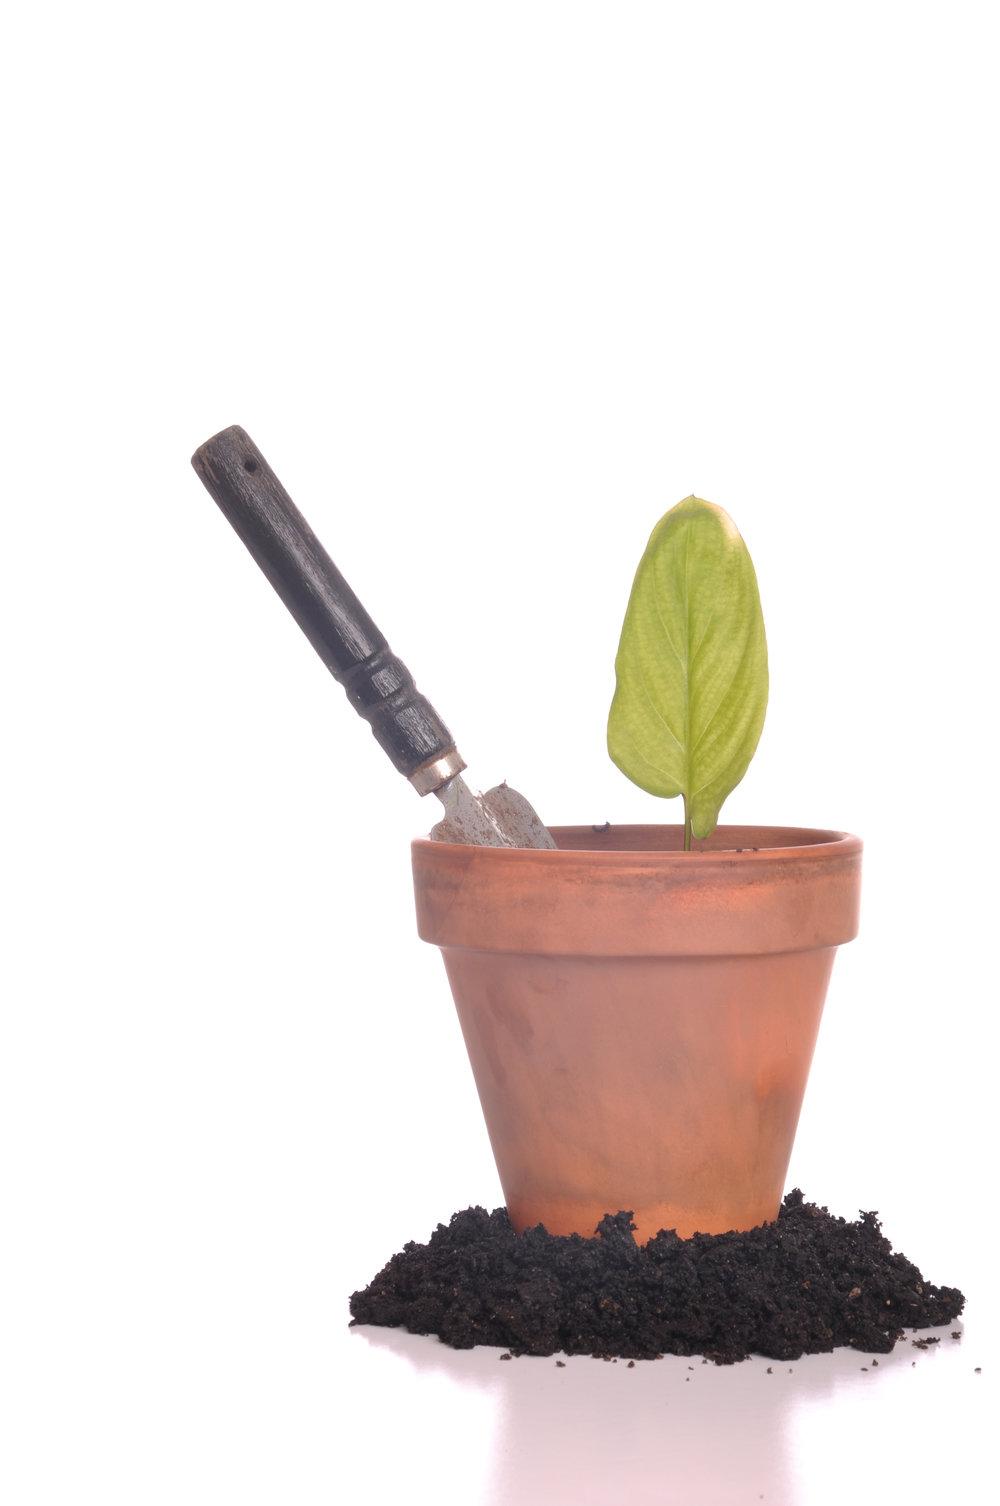 gardening_MyTfj1CO.jpg